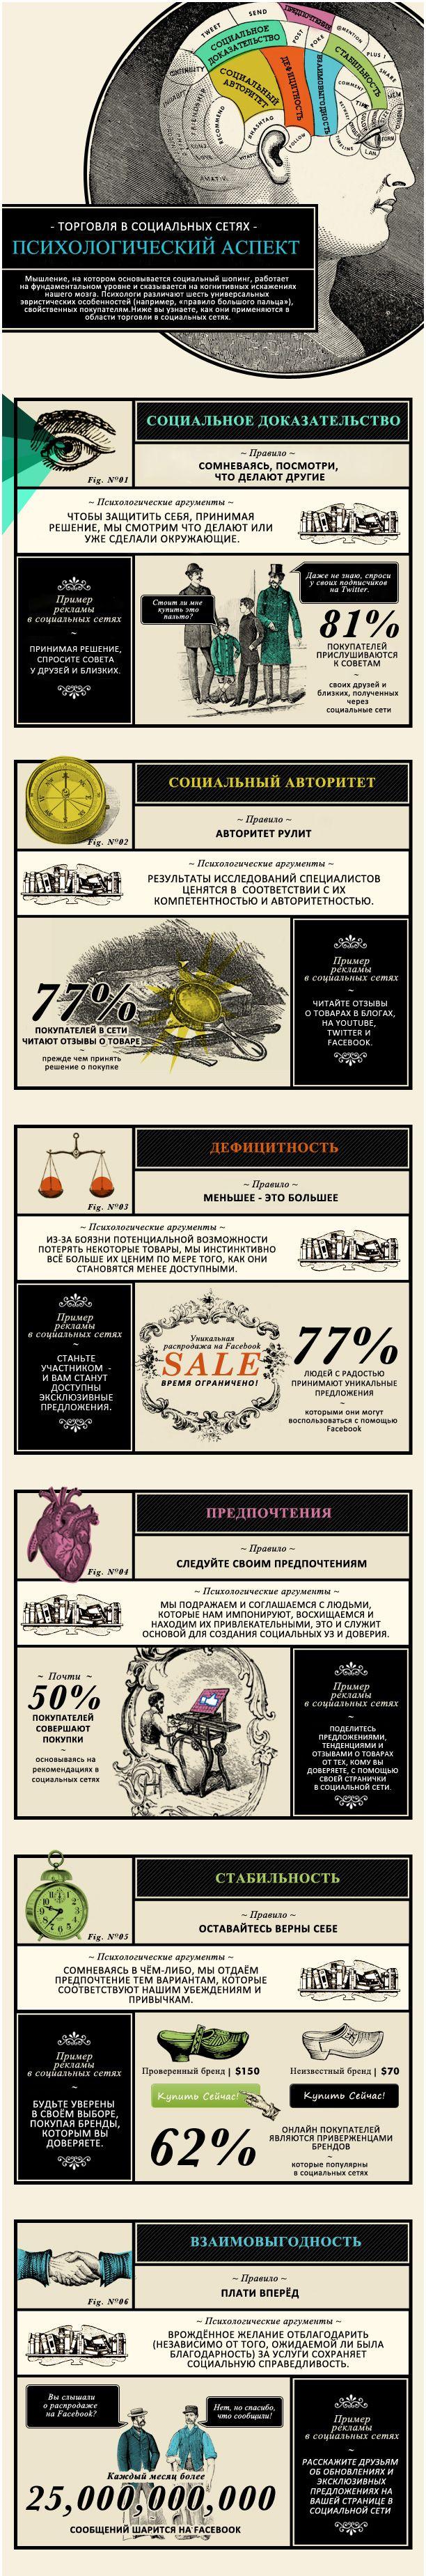 Психология социального шоппинга